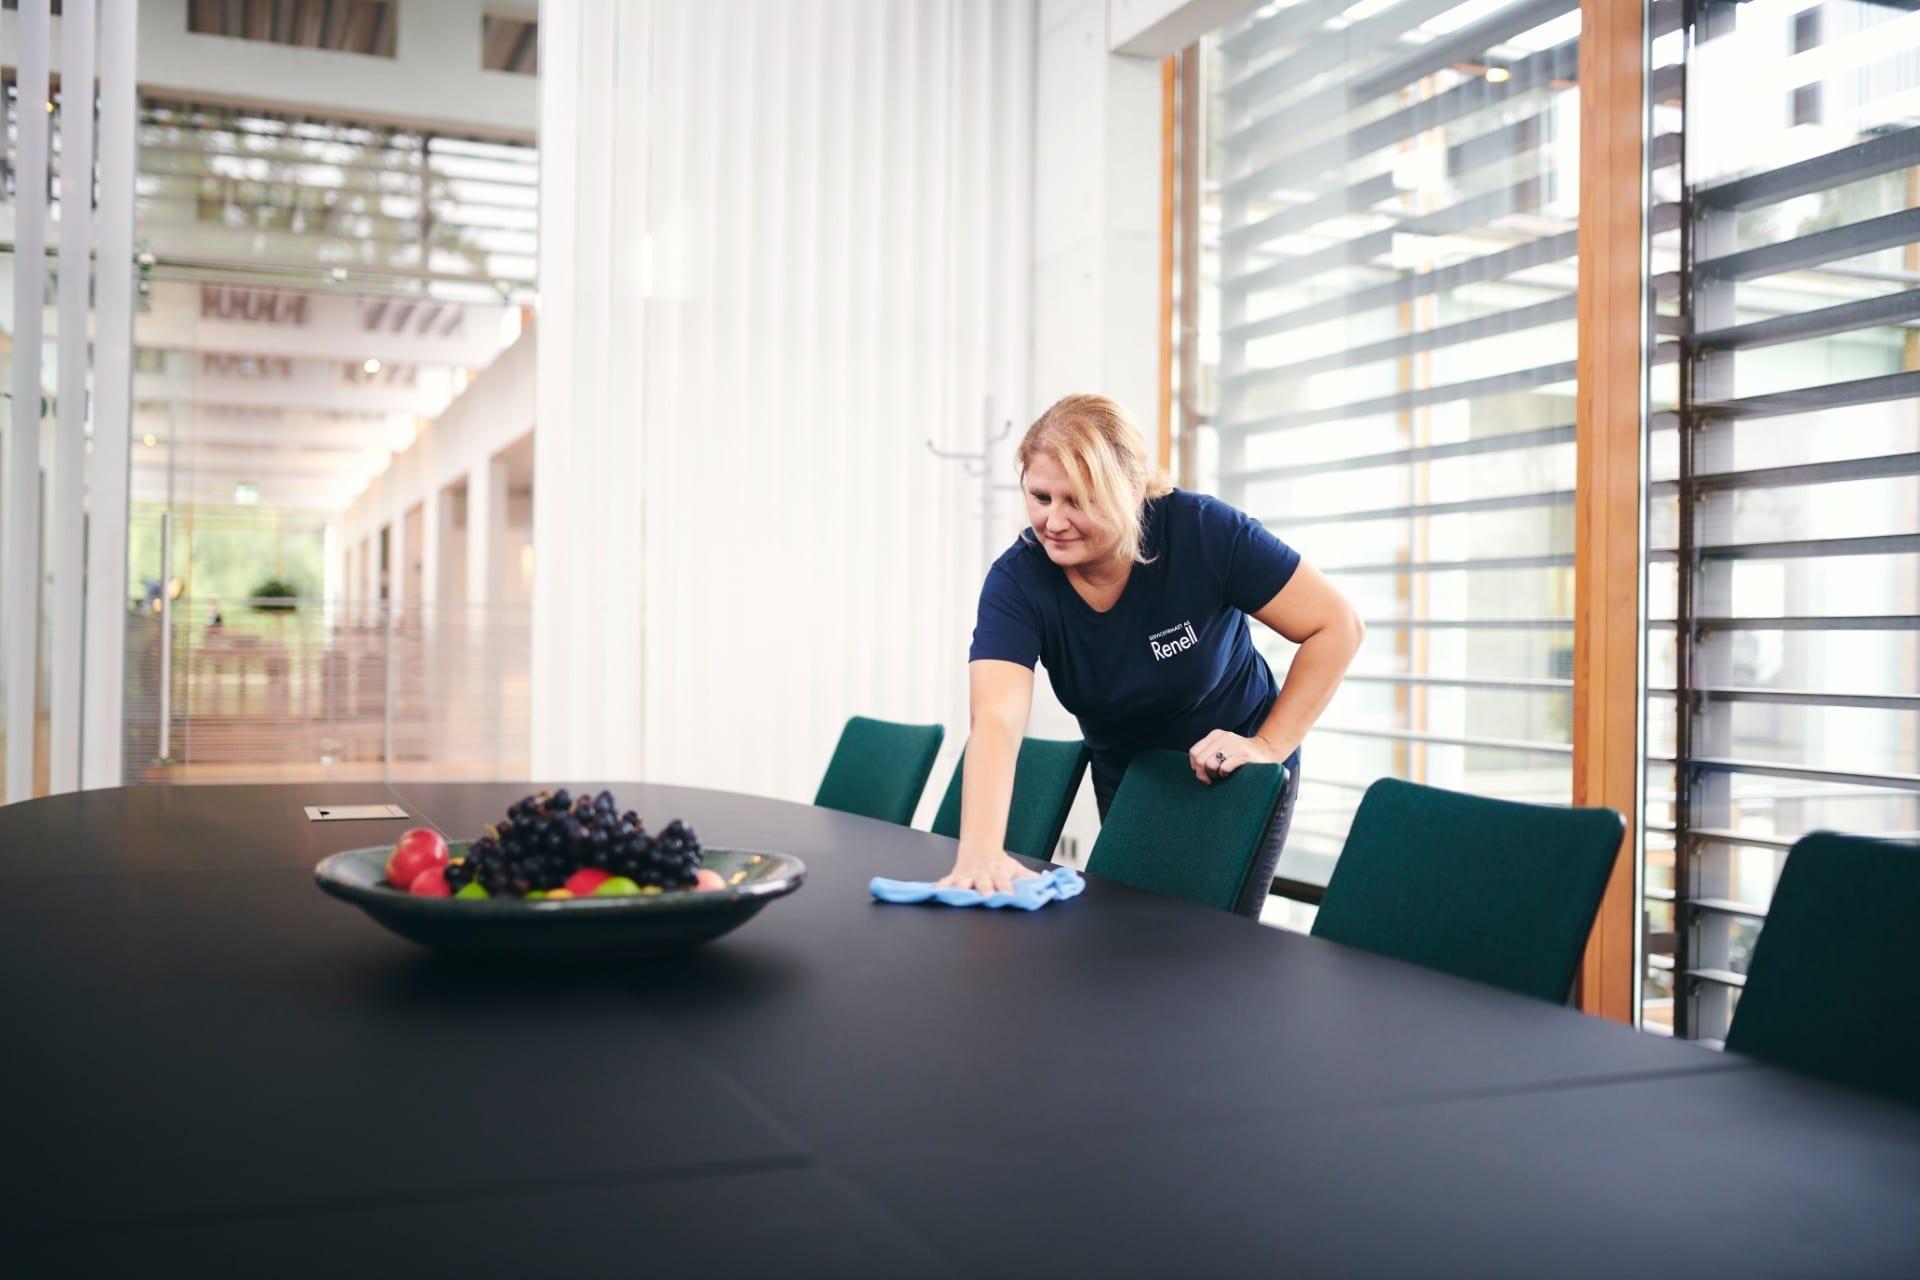 Renell-medarbejder tørrer bord af i mødelokale hos en erhvervskunde